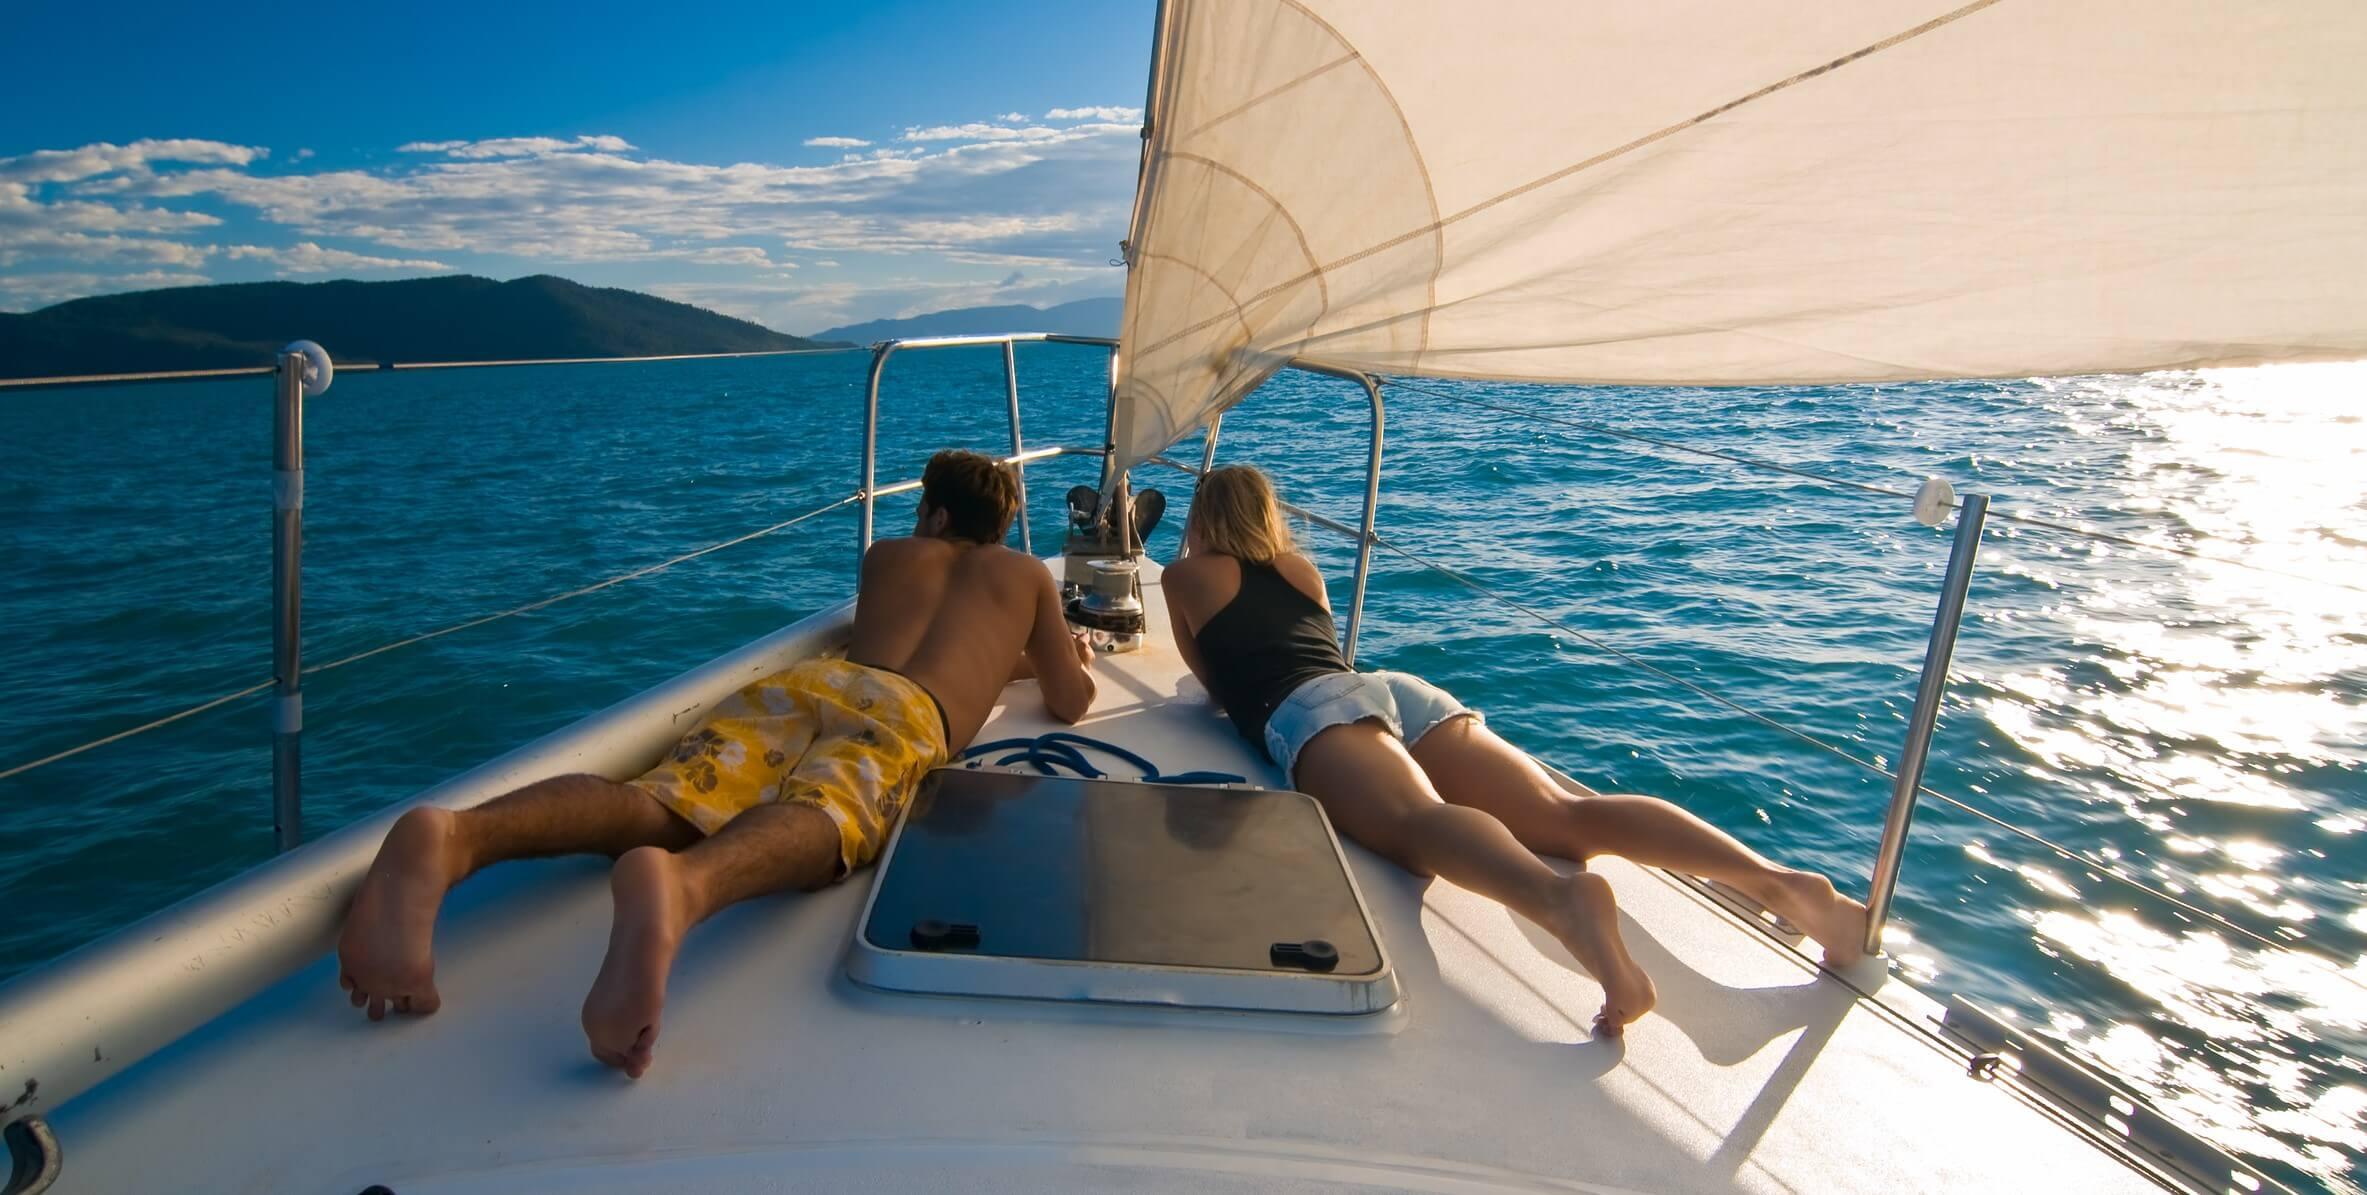 Alquiler de embarcaciones en Mallorca (Charter), Excursiones (Tours) en el Puerto de Andratx